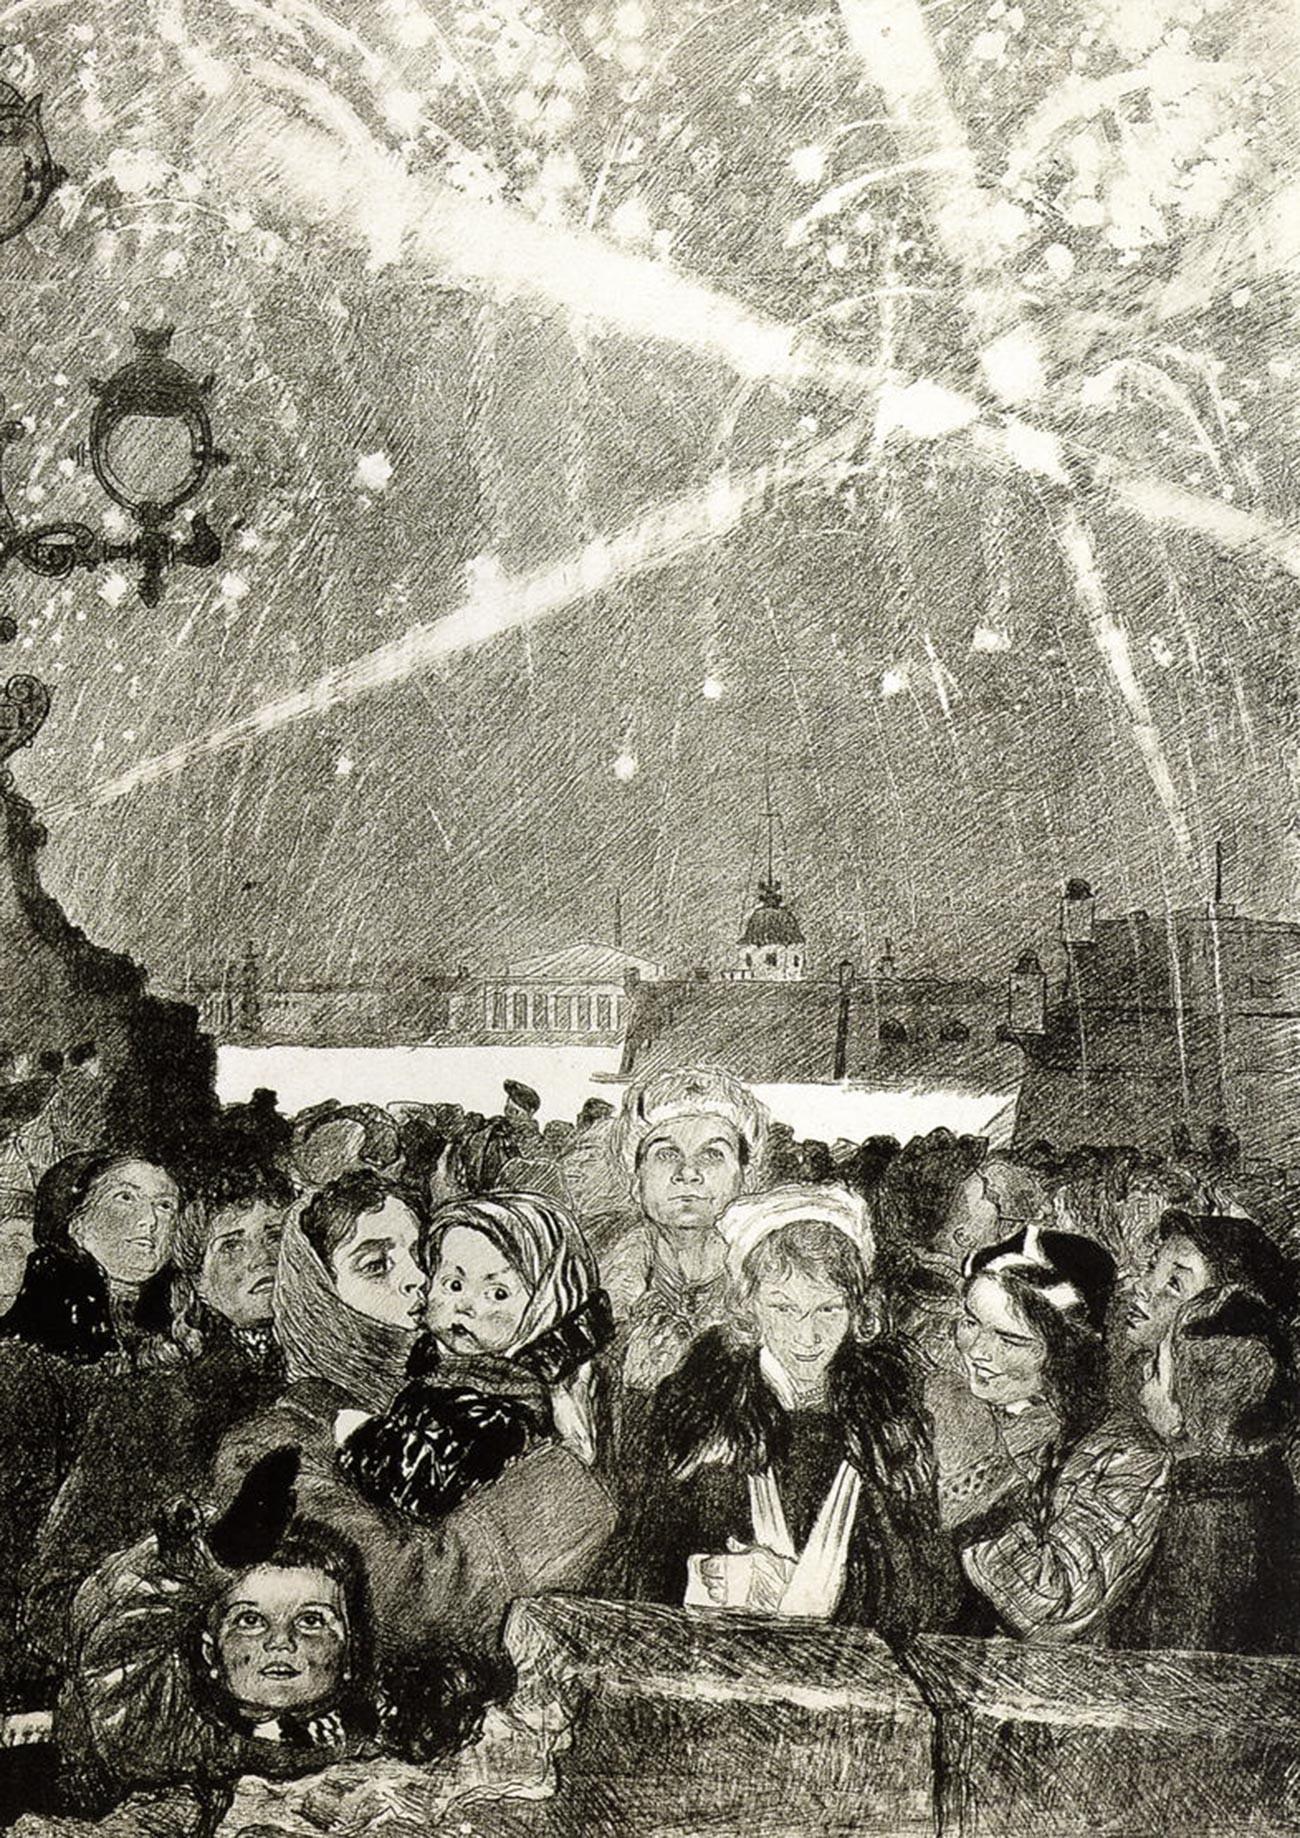 A・パホモフ、『1944年1月27日の祝砲』